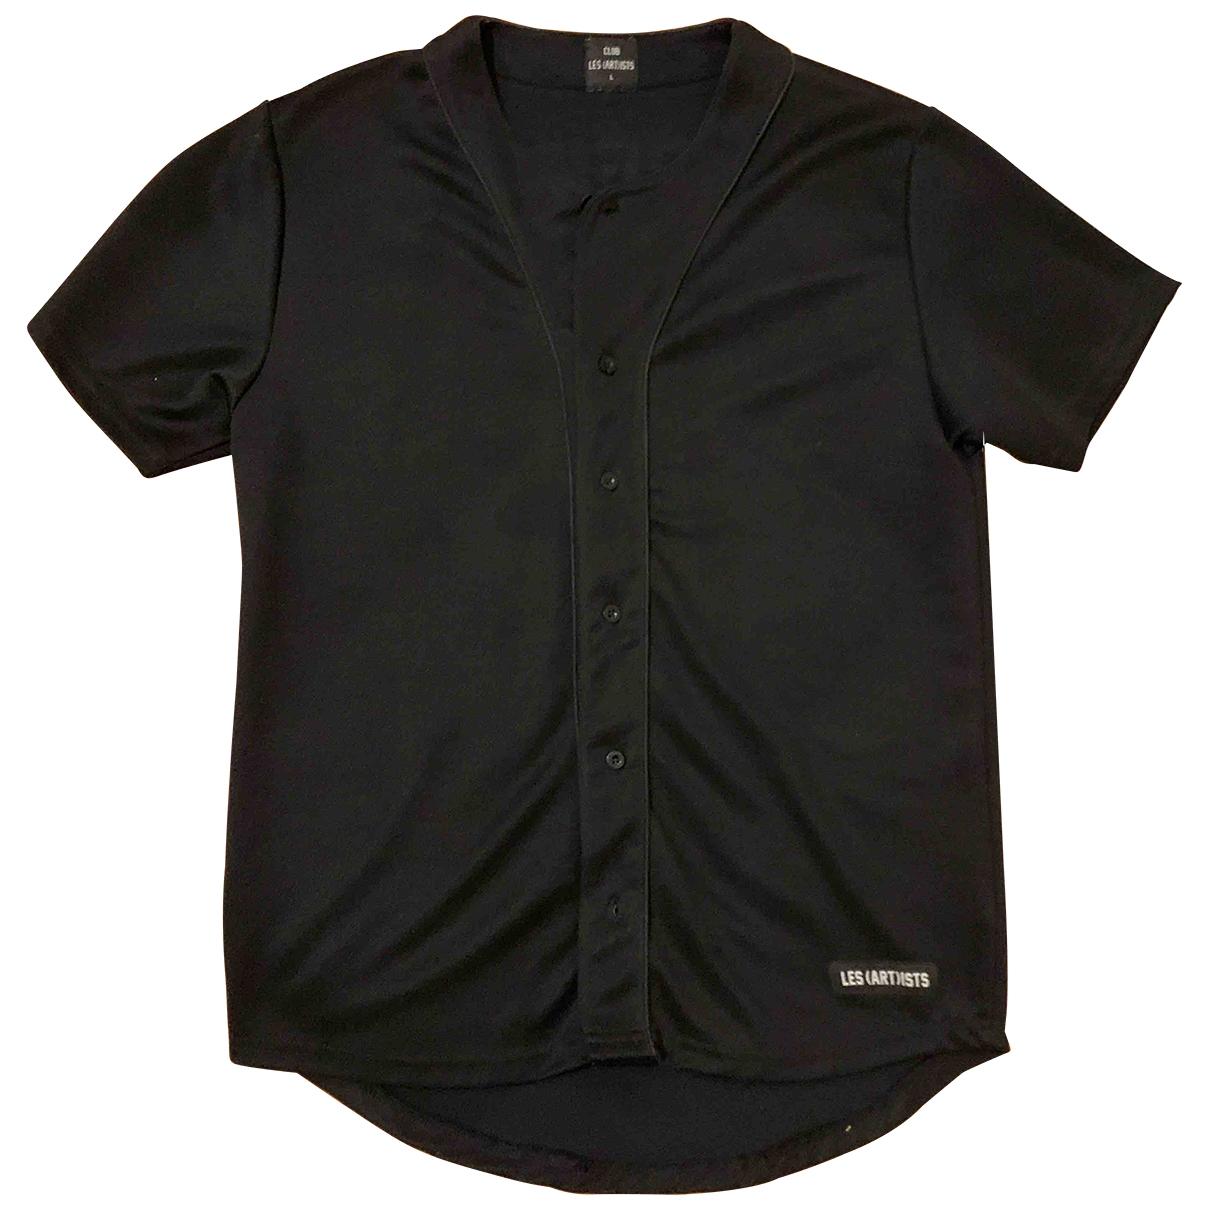 Les Artists - Tee shirts   pour homme en lycra - noir